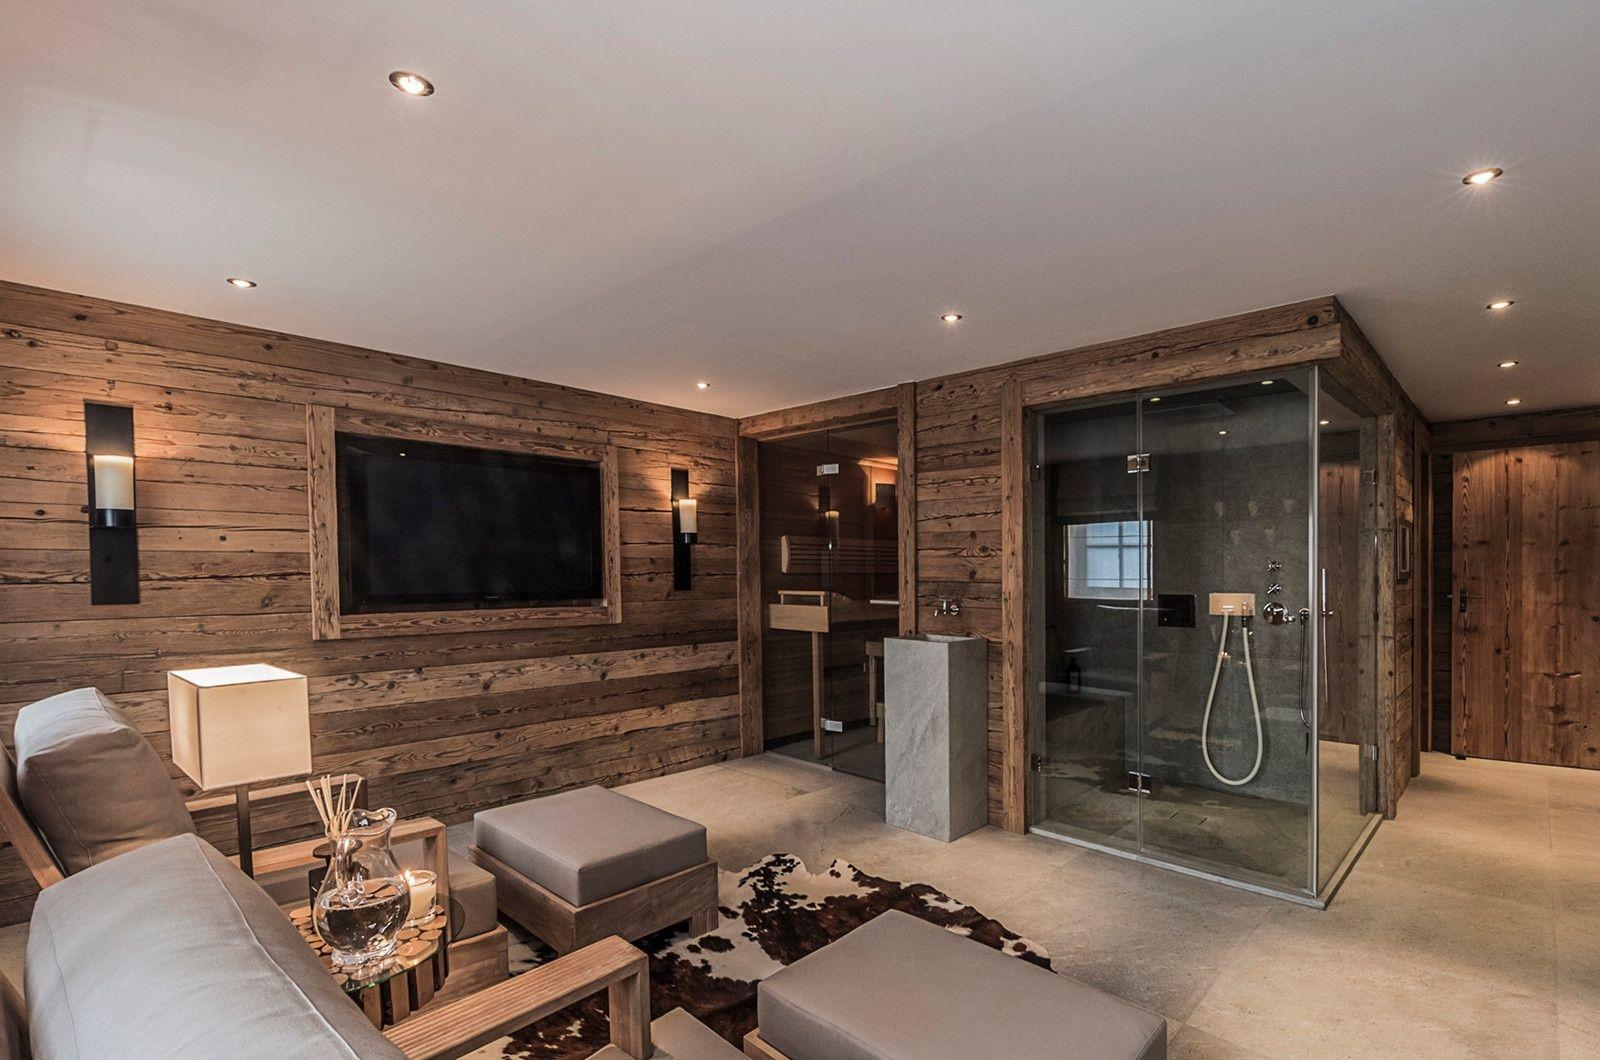 Wellnessbereich Mit Sauna Dampfbad Und